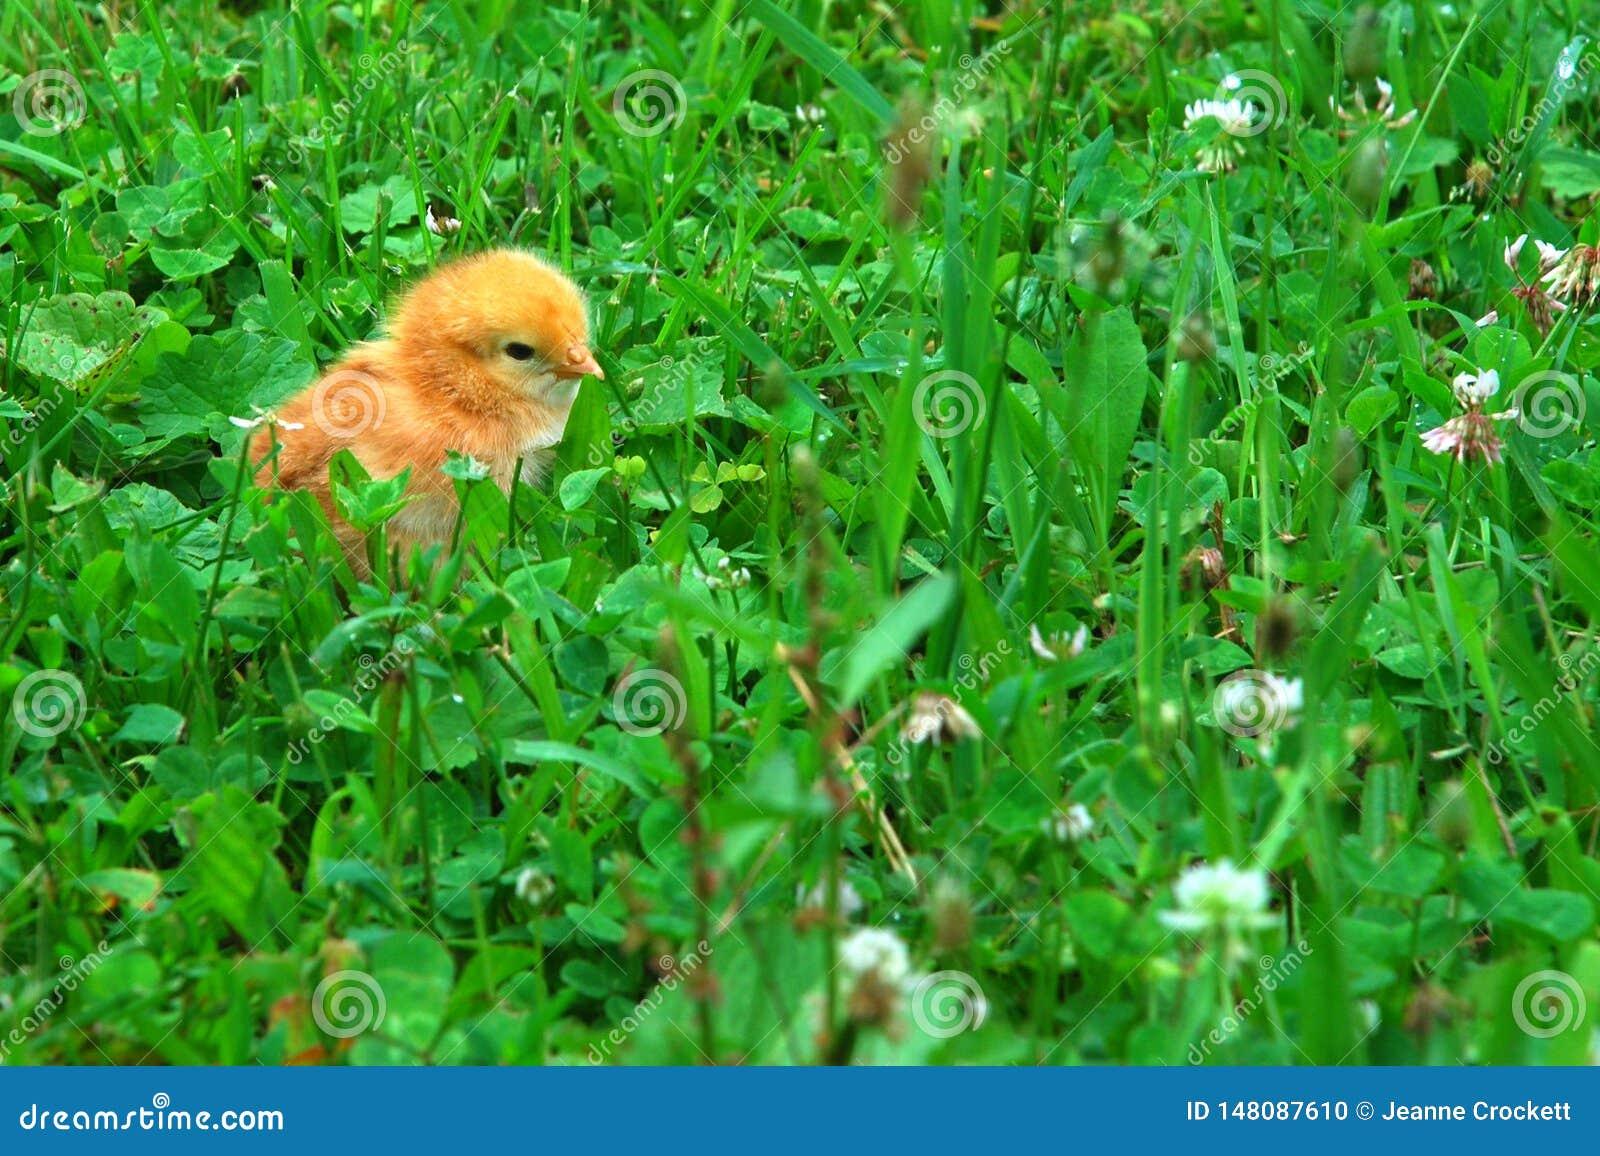 Een babykuiken in gras